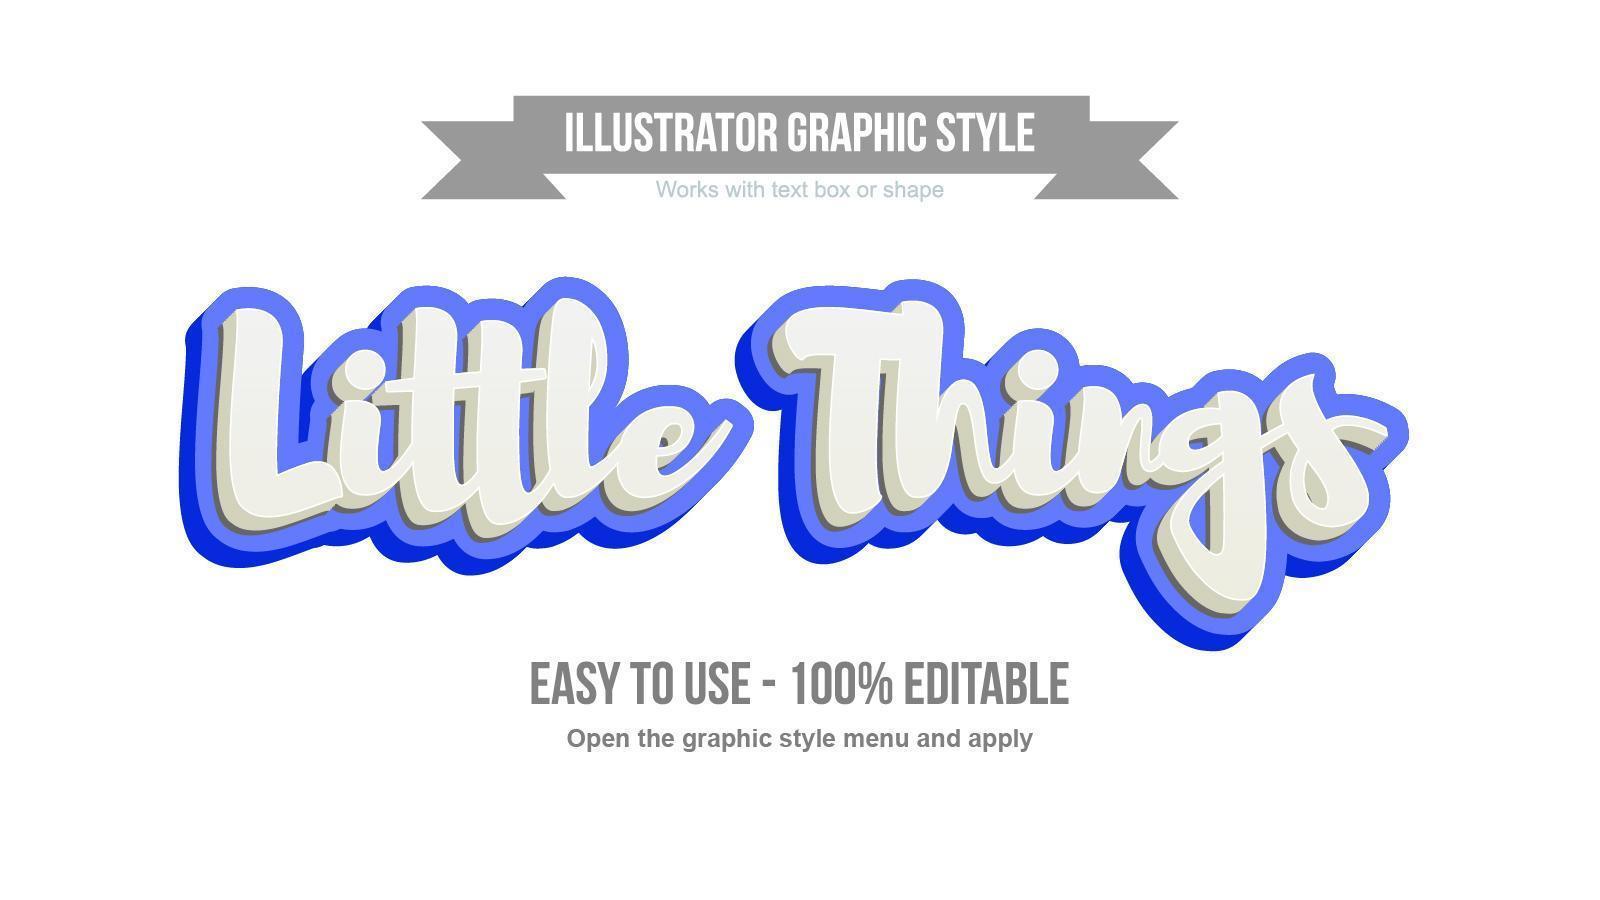 White and blue 3D cute handwritten text effect vector